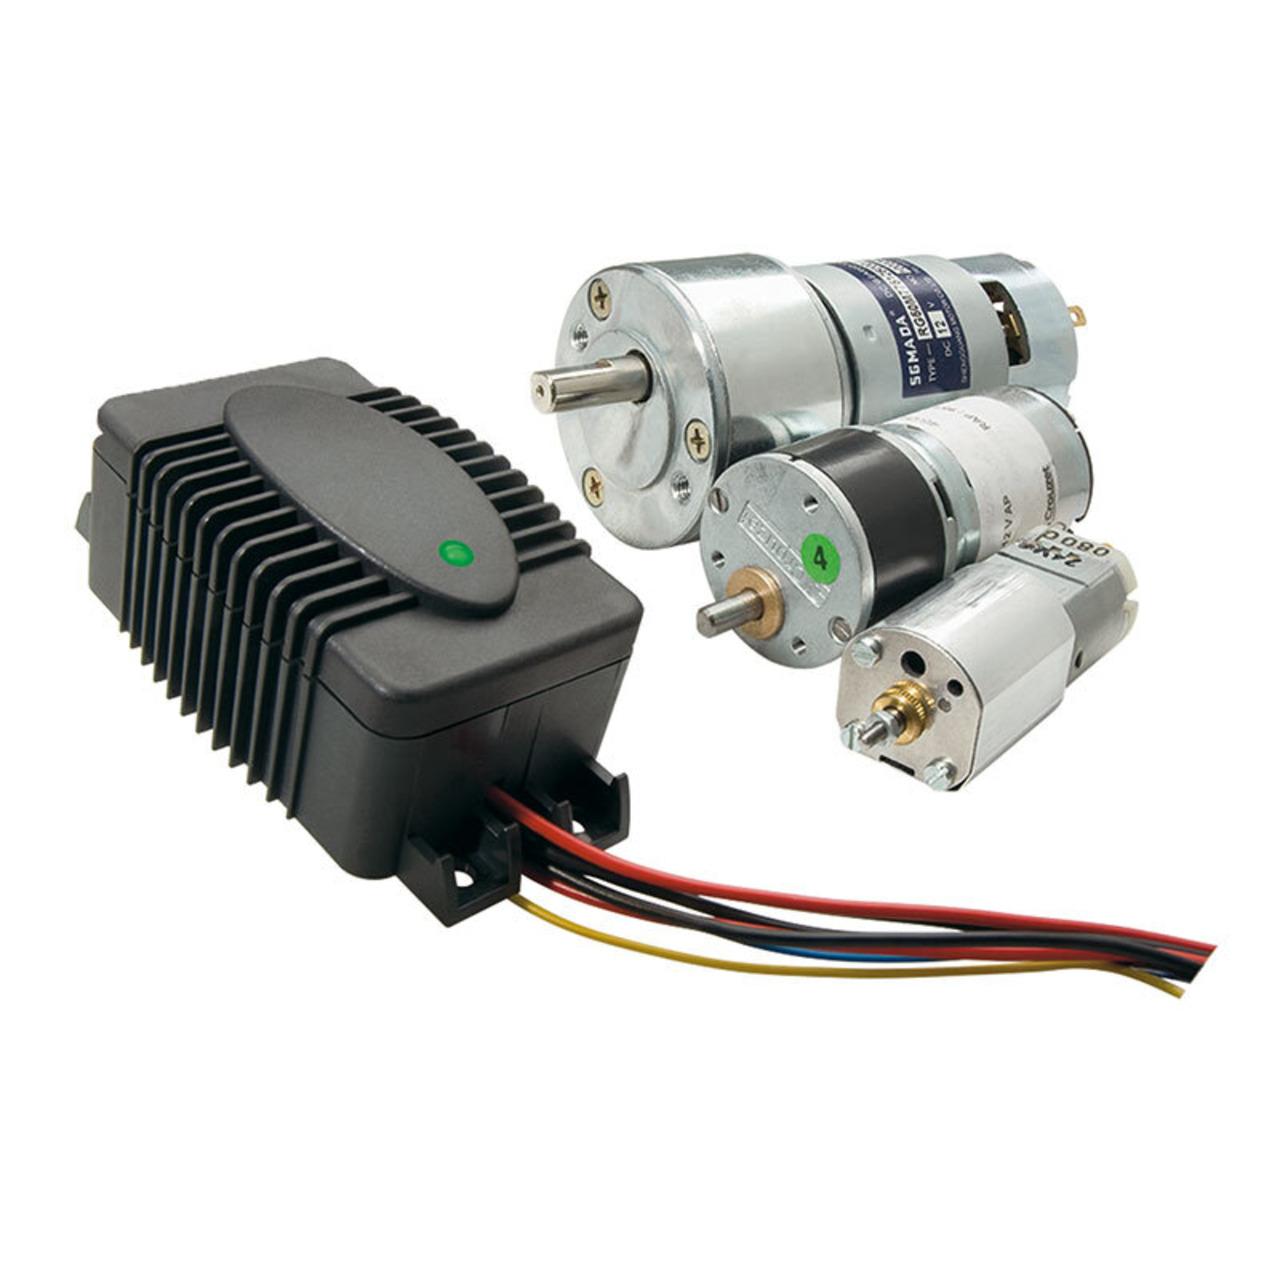 ELV Bausatz Motorabschaltung DC für einfache Motoraktorik MAS100